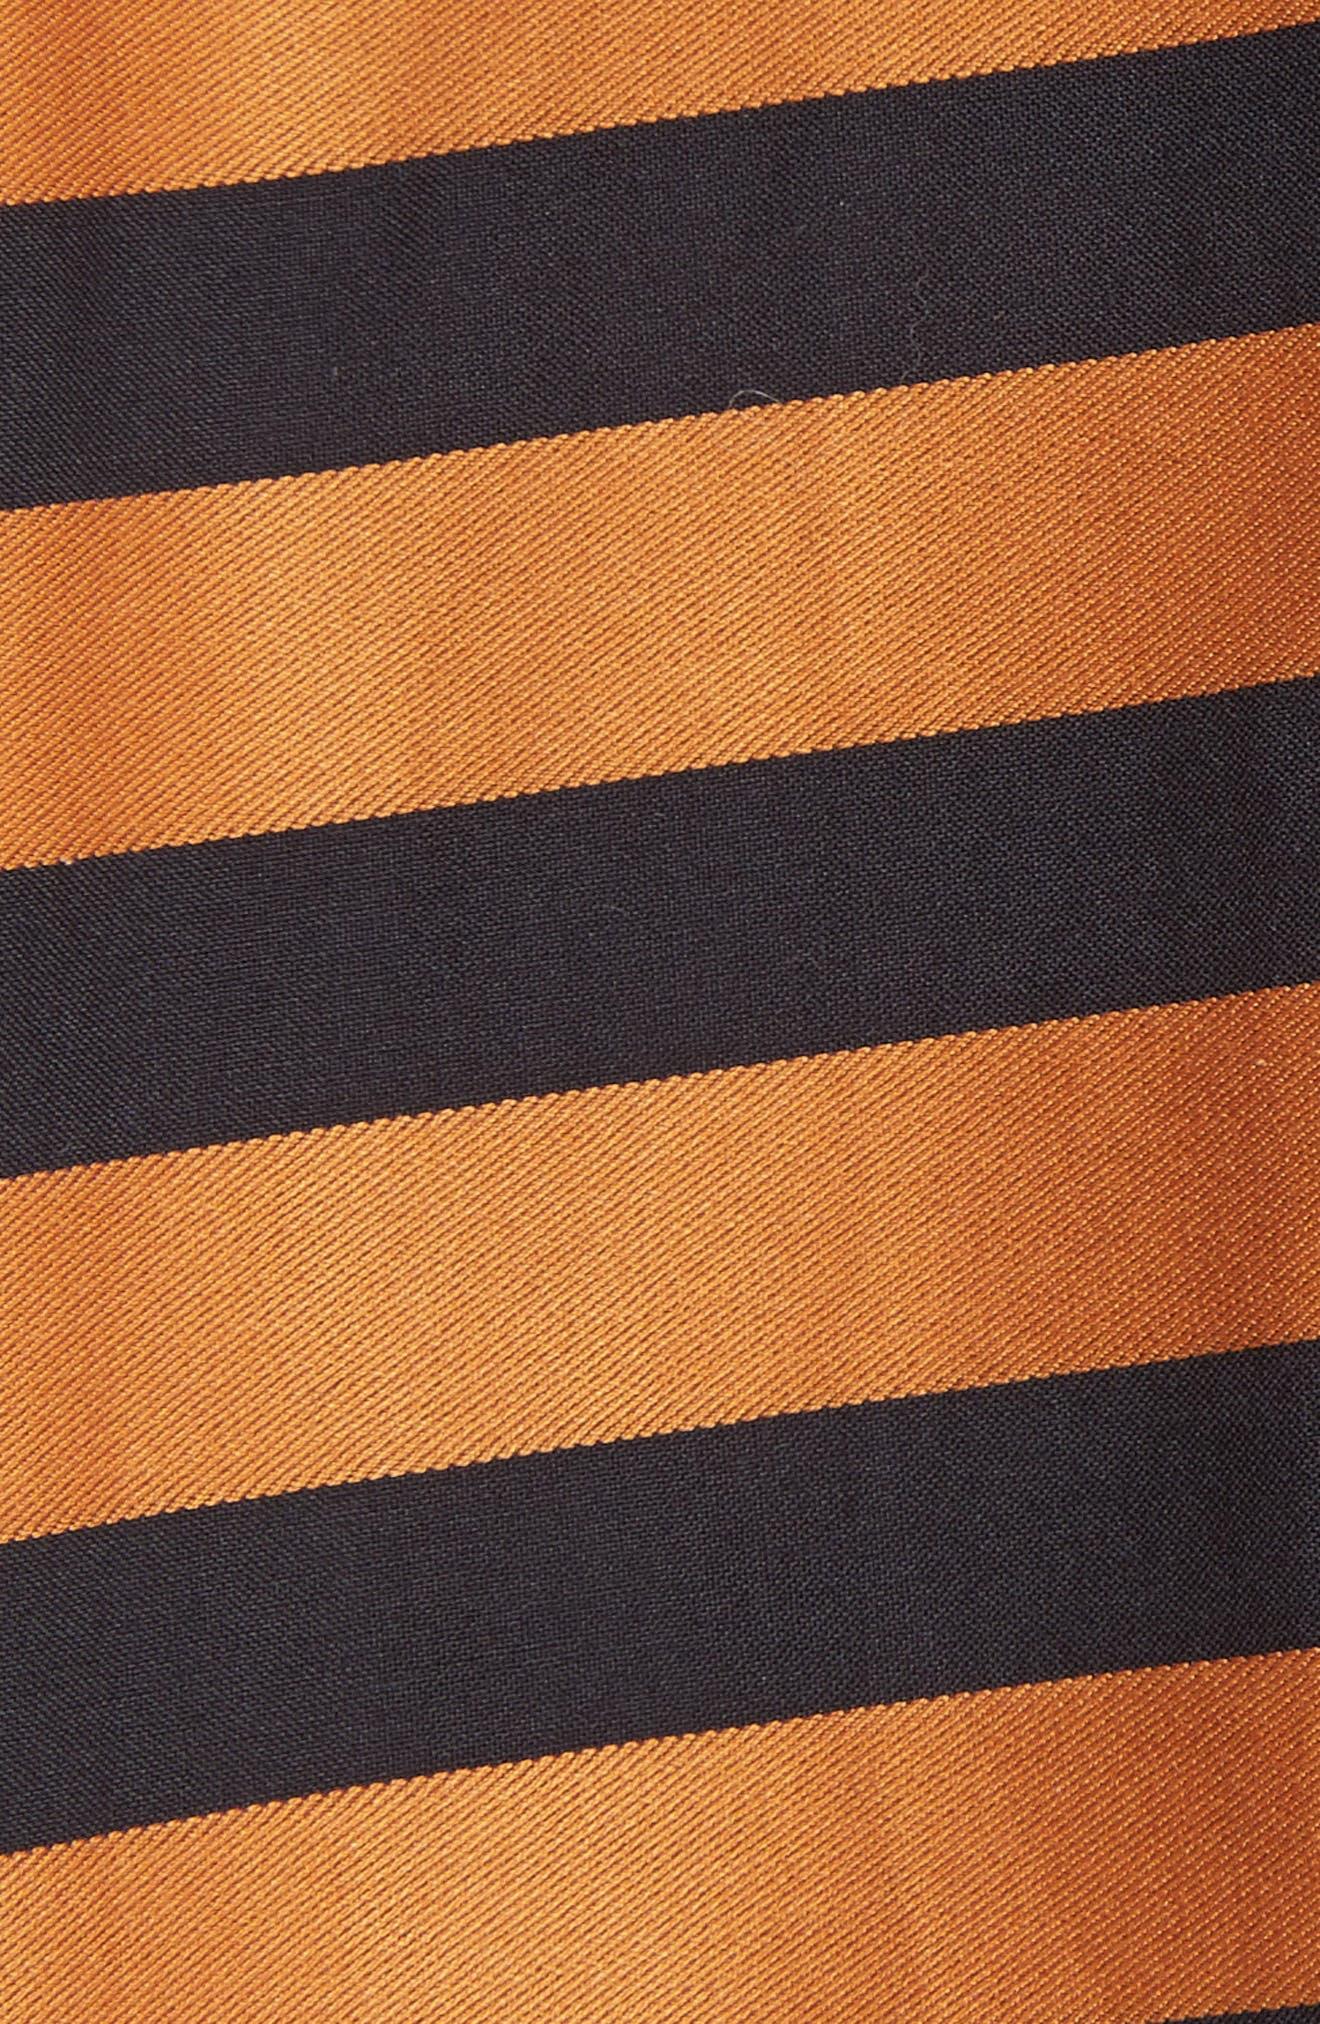 Adelle Ruffle High/Low Skirt,                             Alternate thumbnail 5, color,                             Bronze Black